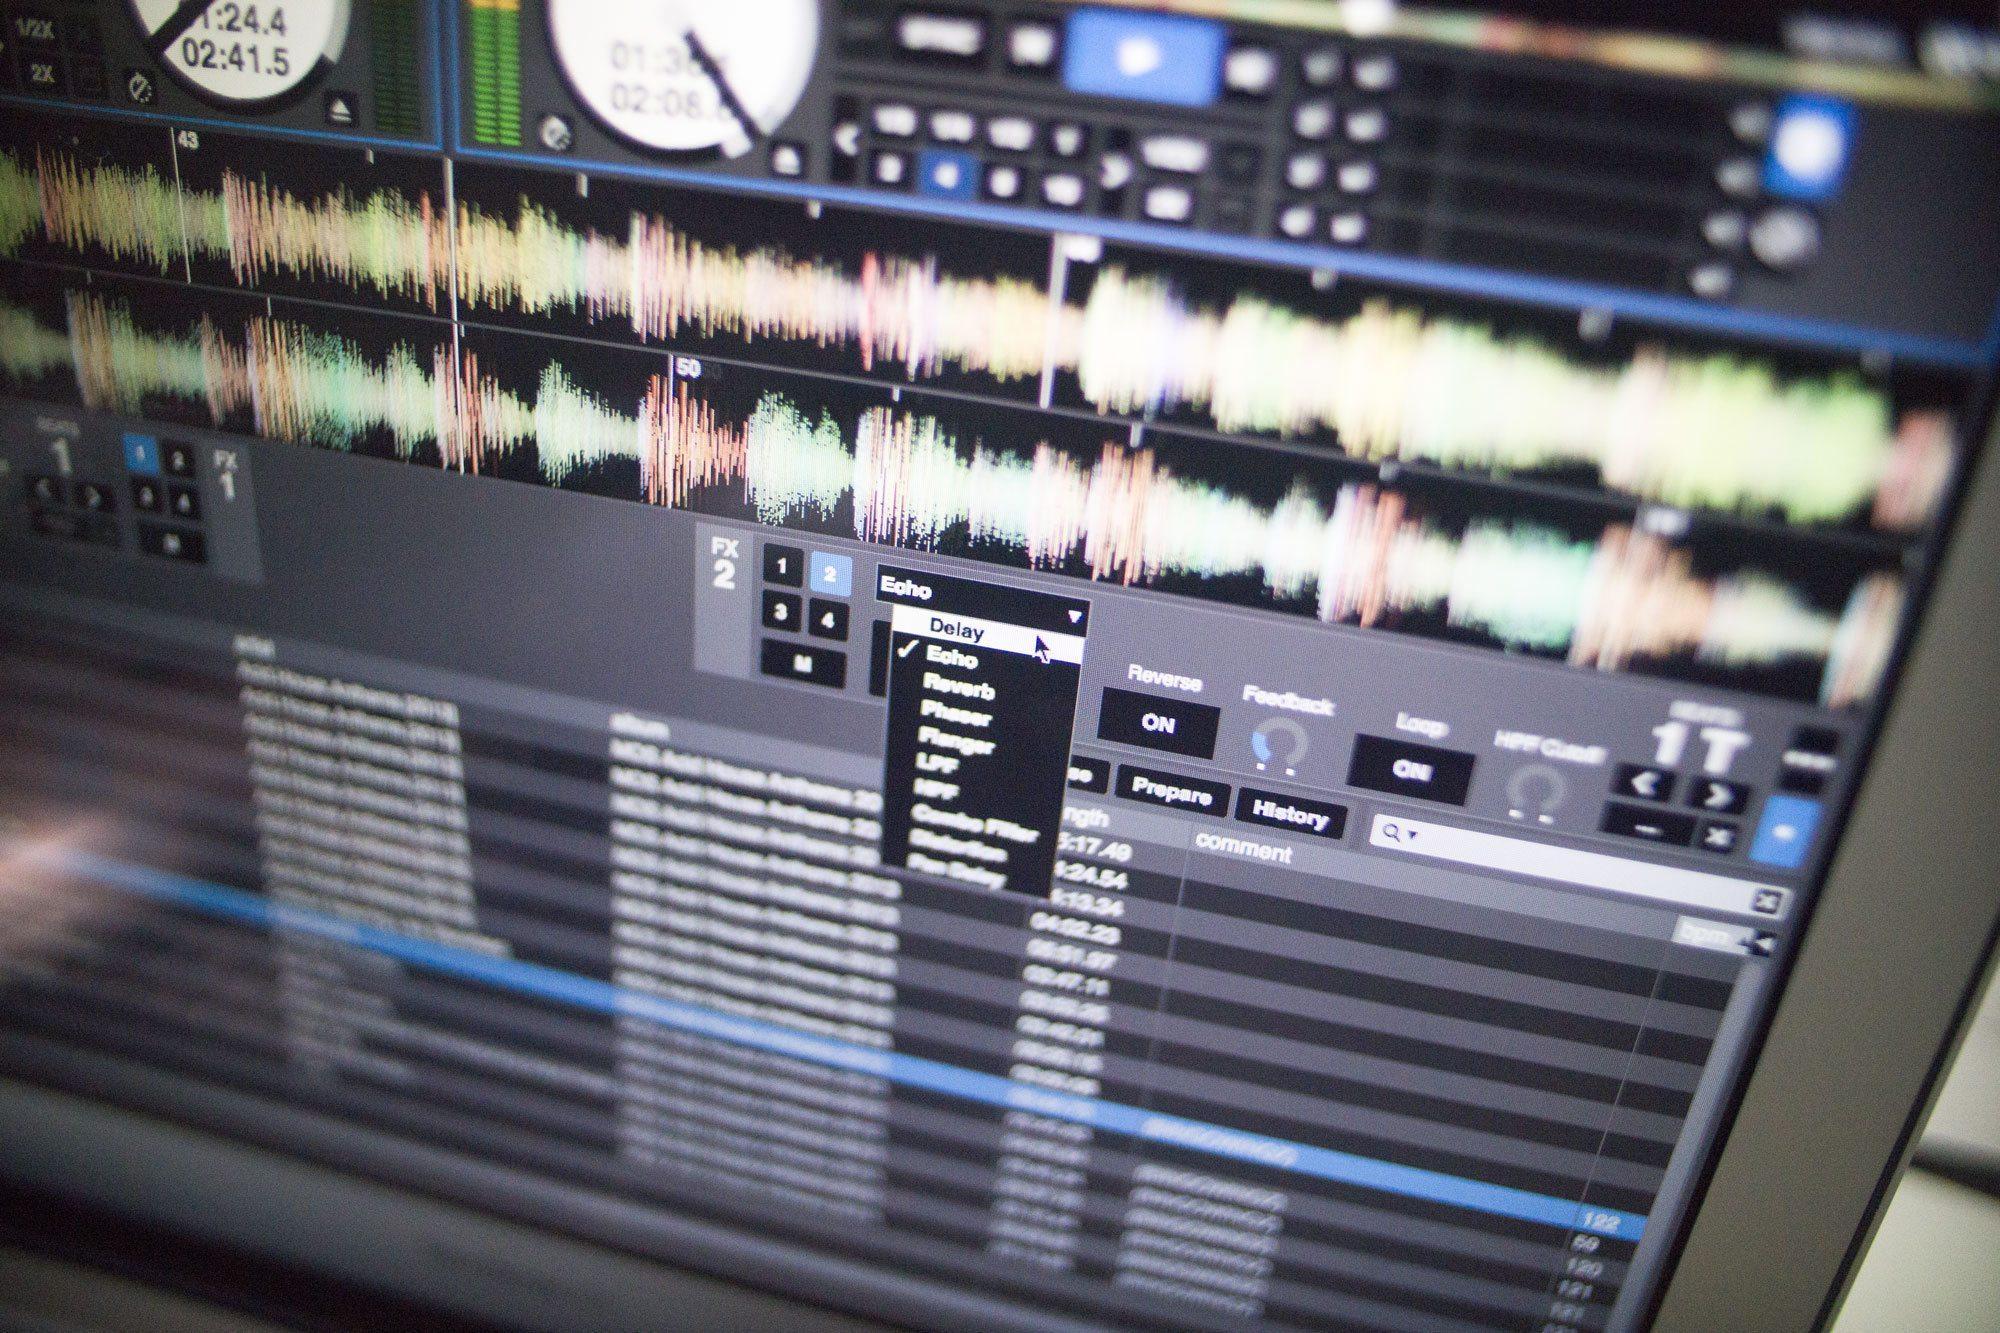 Serato DJ 1.2 multi FX review (2)